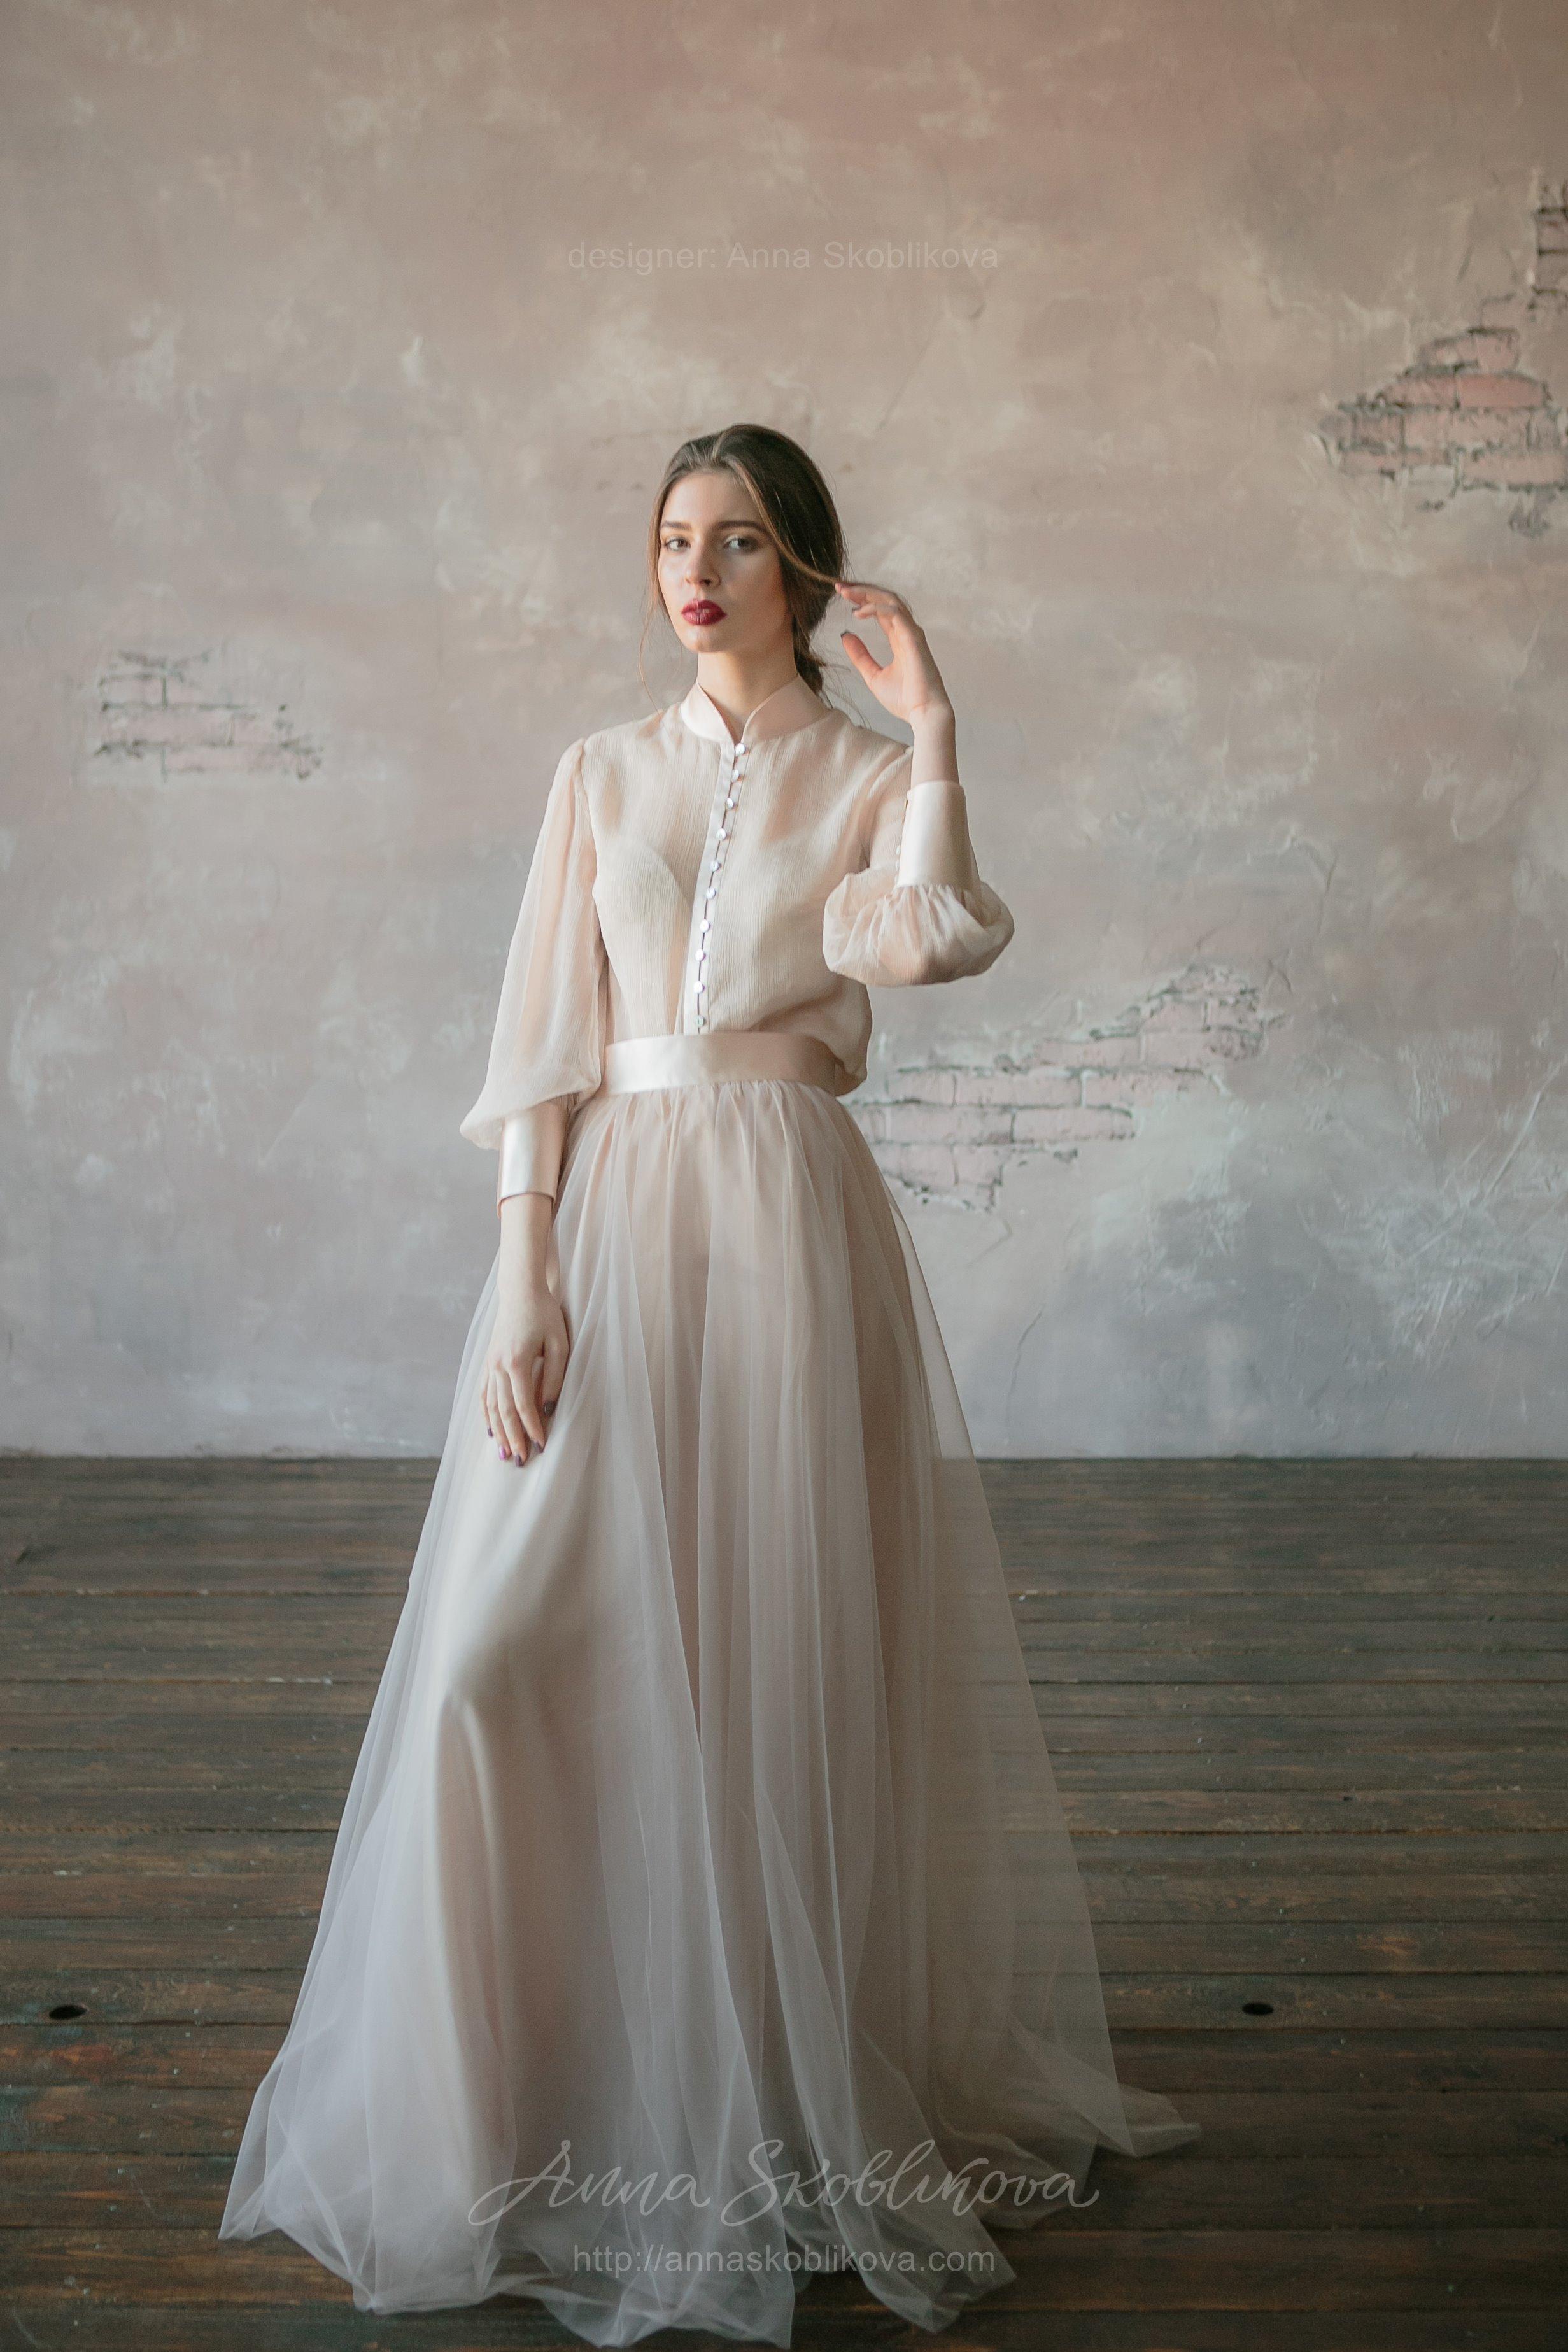 Silk Wedding Dress.Beige Two Piece Wedding Dress In Vintage Style Anna Skoblikova